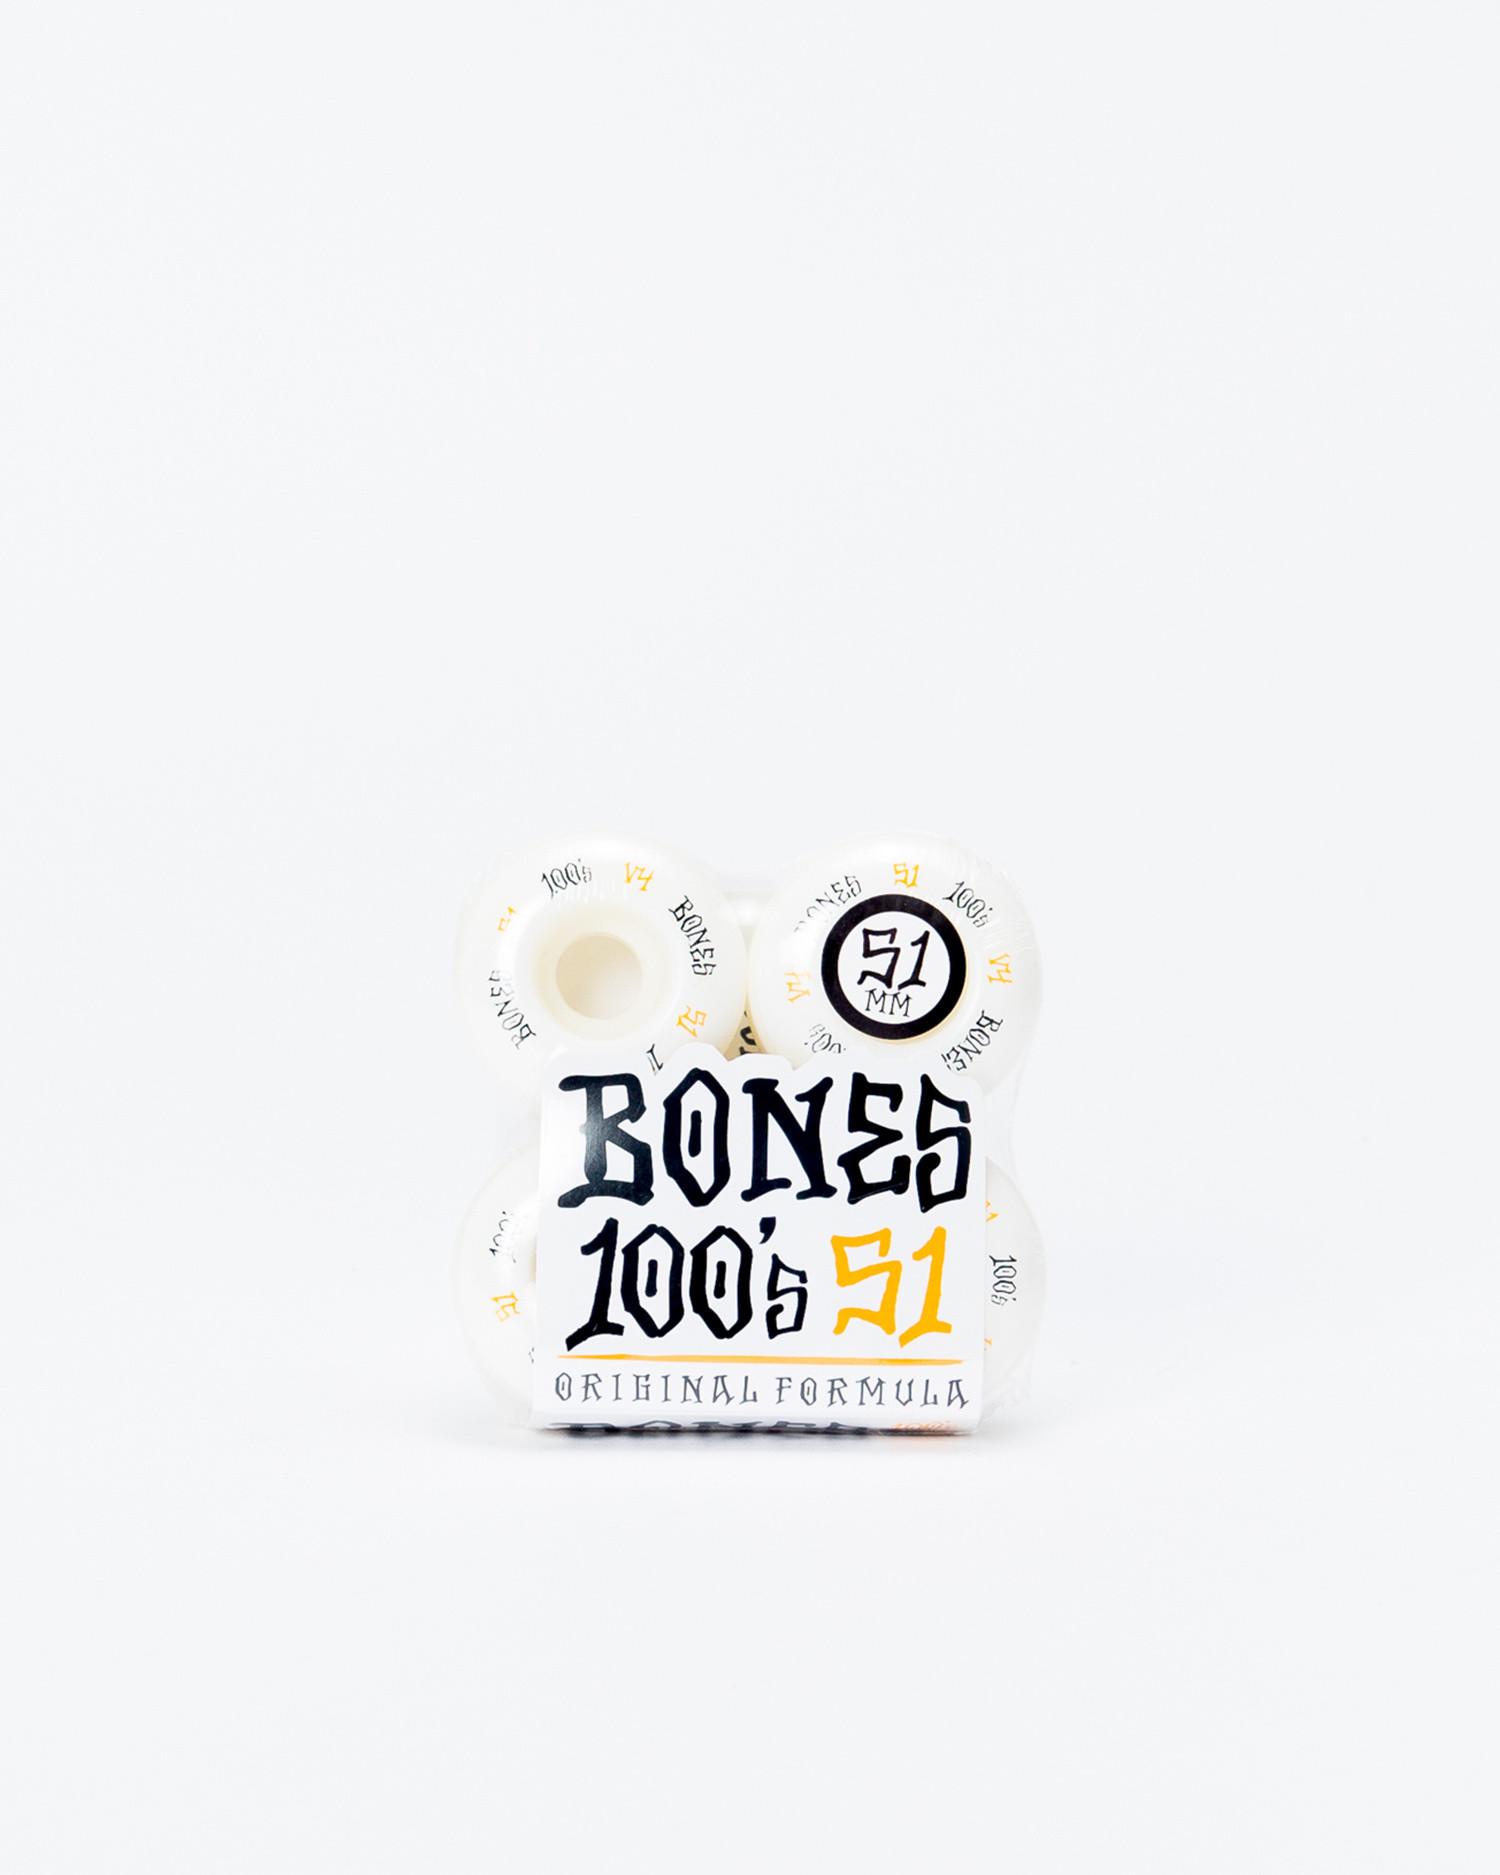 Bones  100s 51 mm